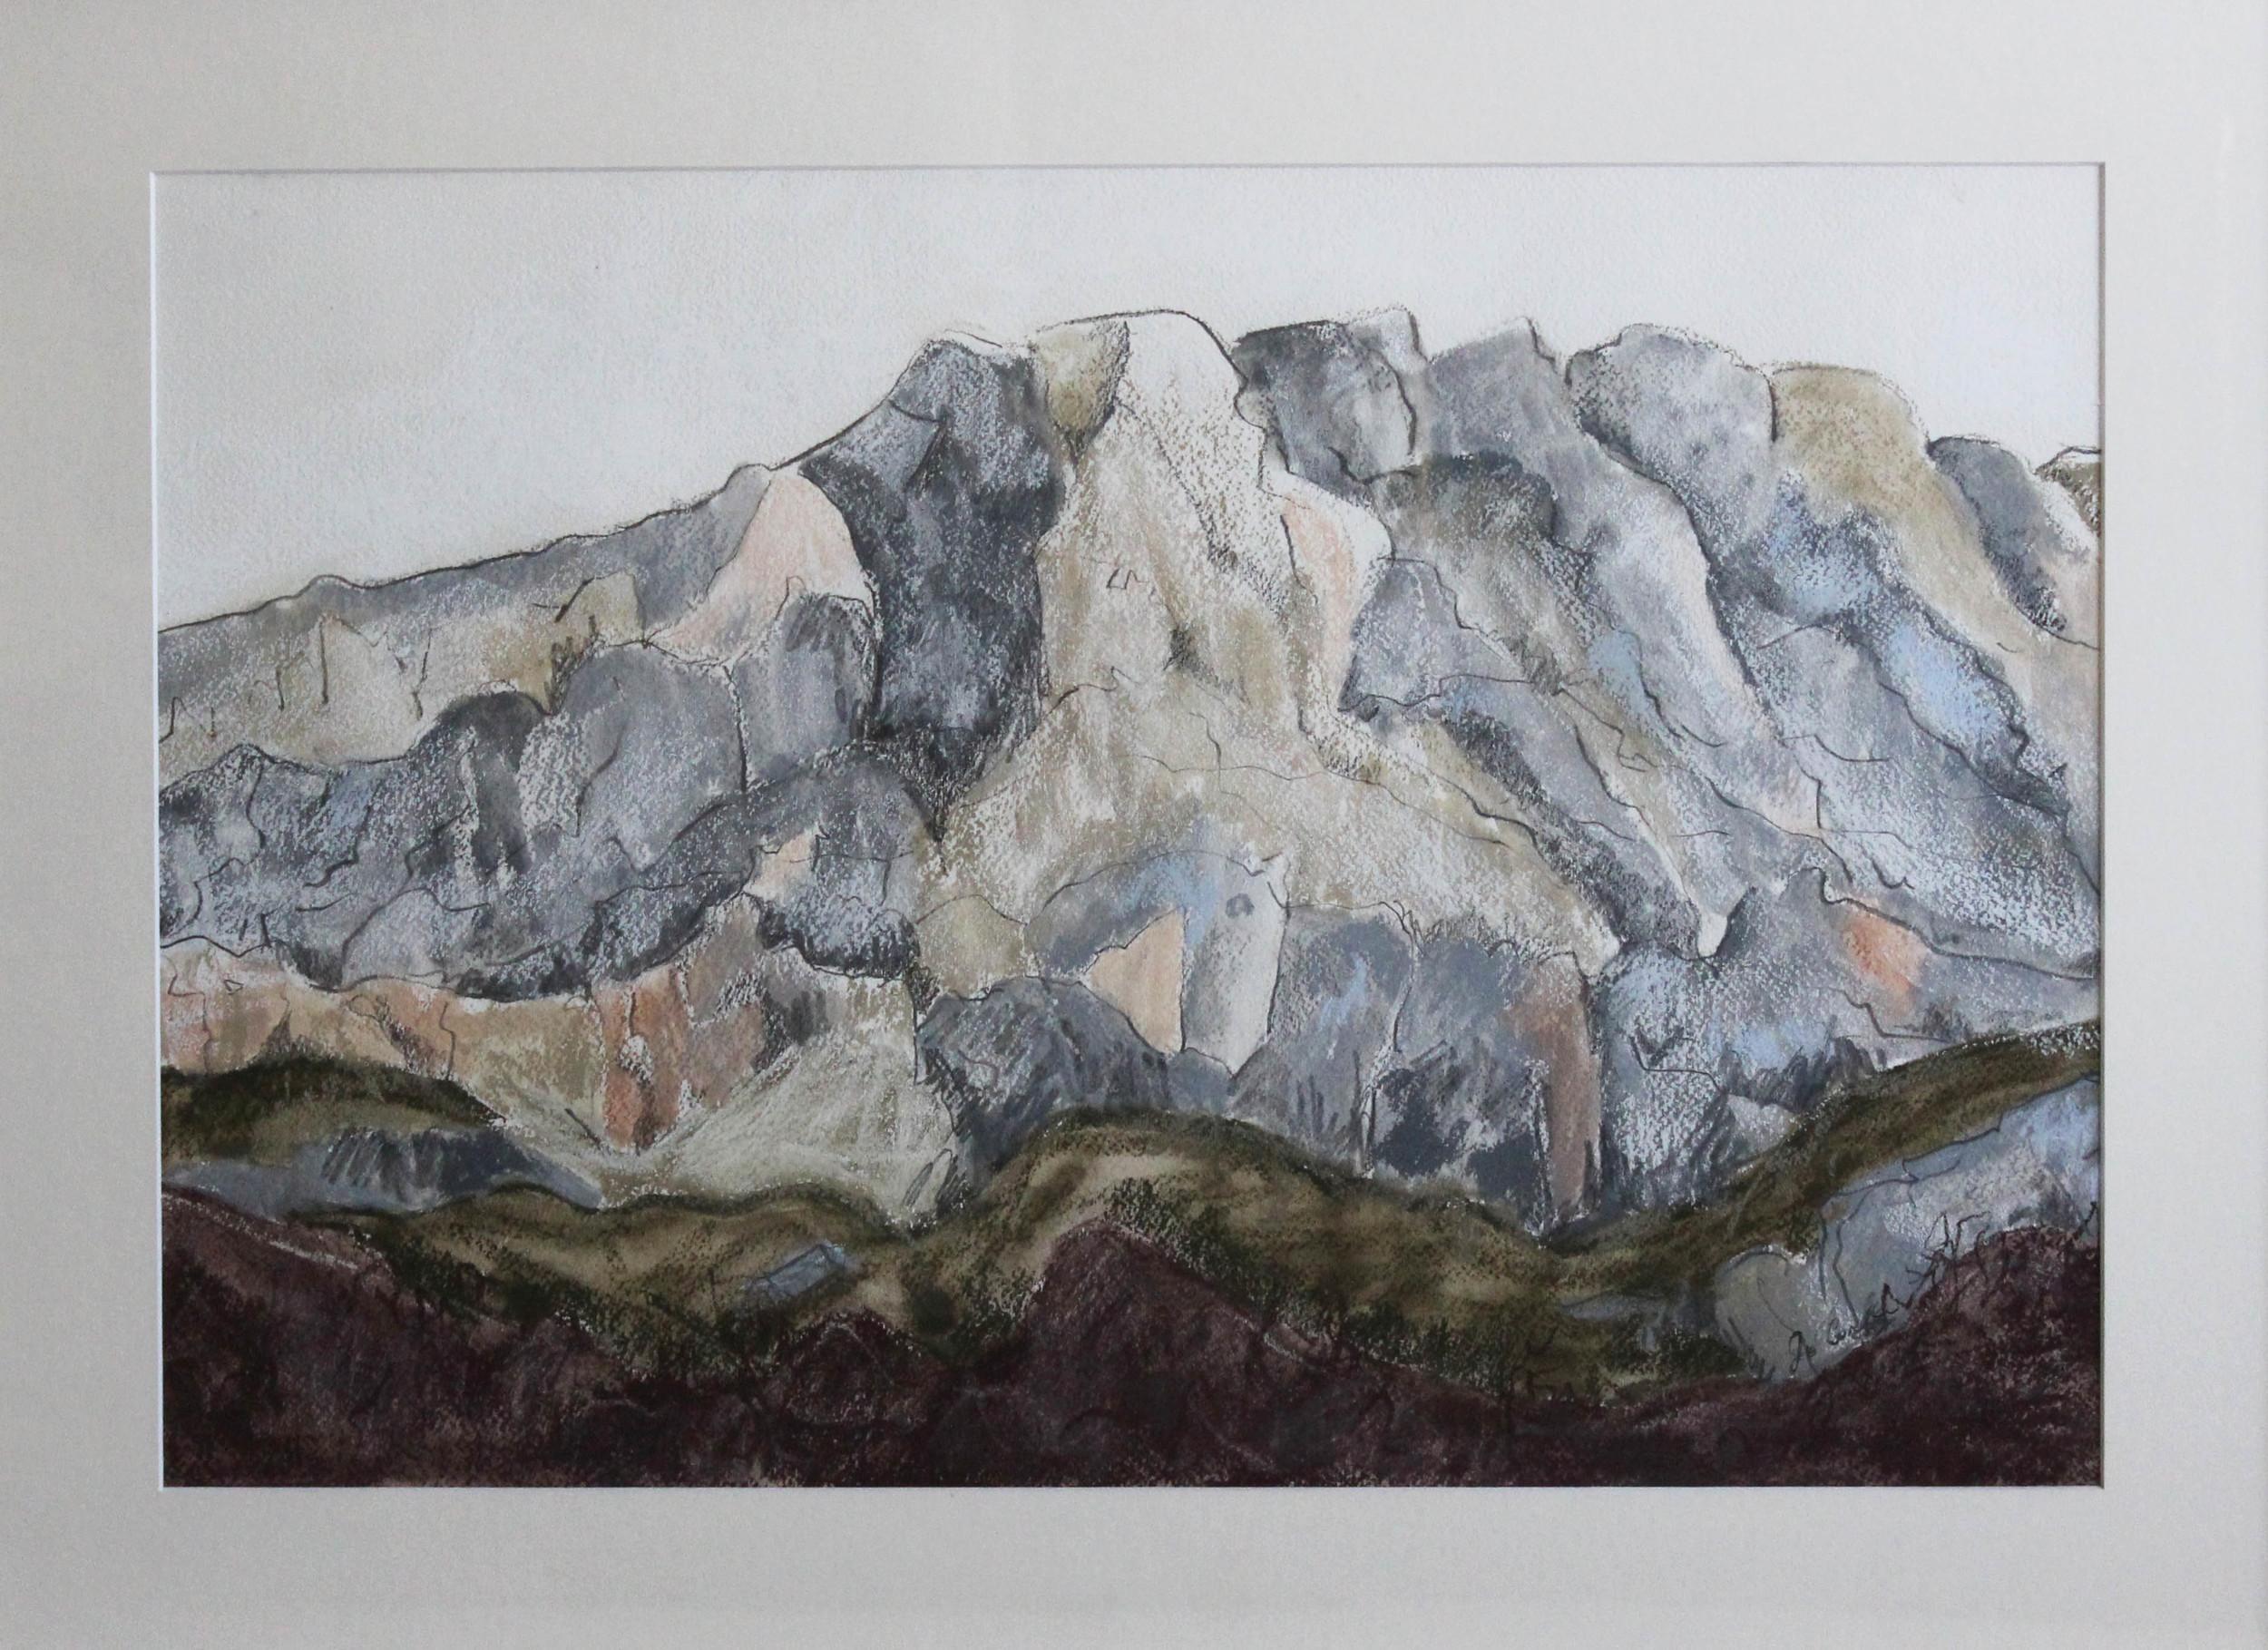 Mont St Victoire, 700 x 520 mm